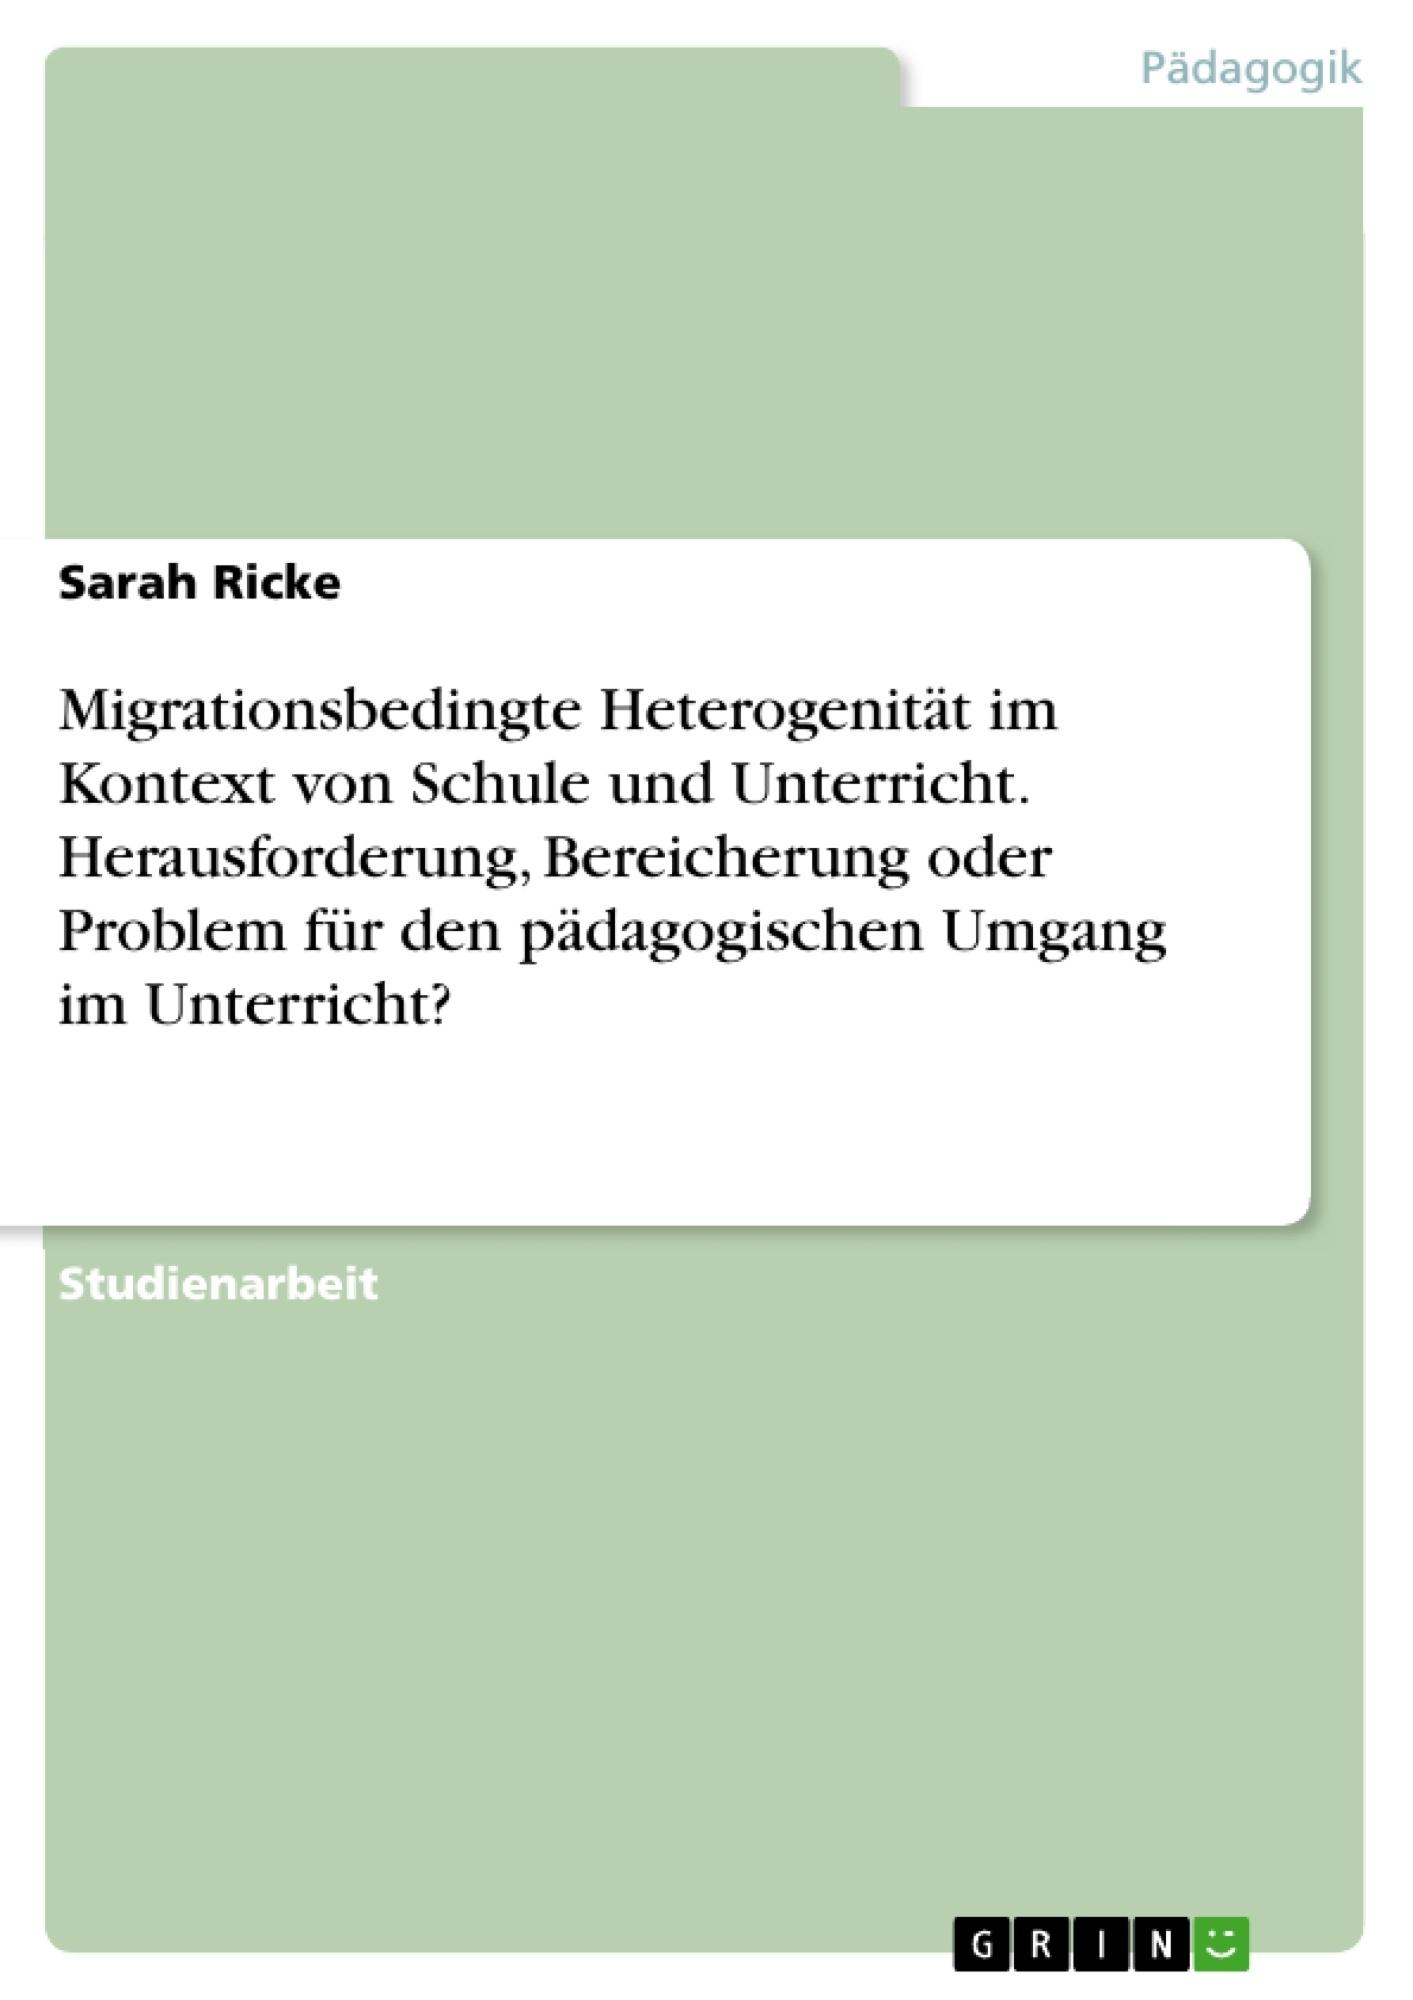 Titel: Migrationsbedingte Heterogenität im Kontext von Schule und Unterricht. Herausforderung, Bereicherung oder Problem für den pädagogischen Umgang im Unterricht?